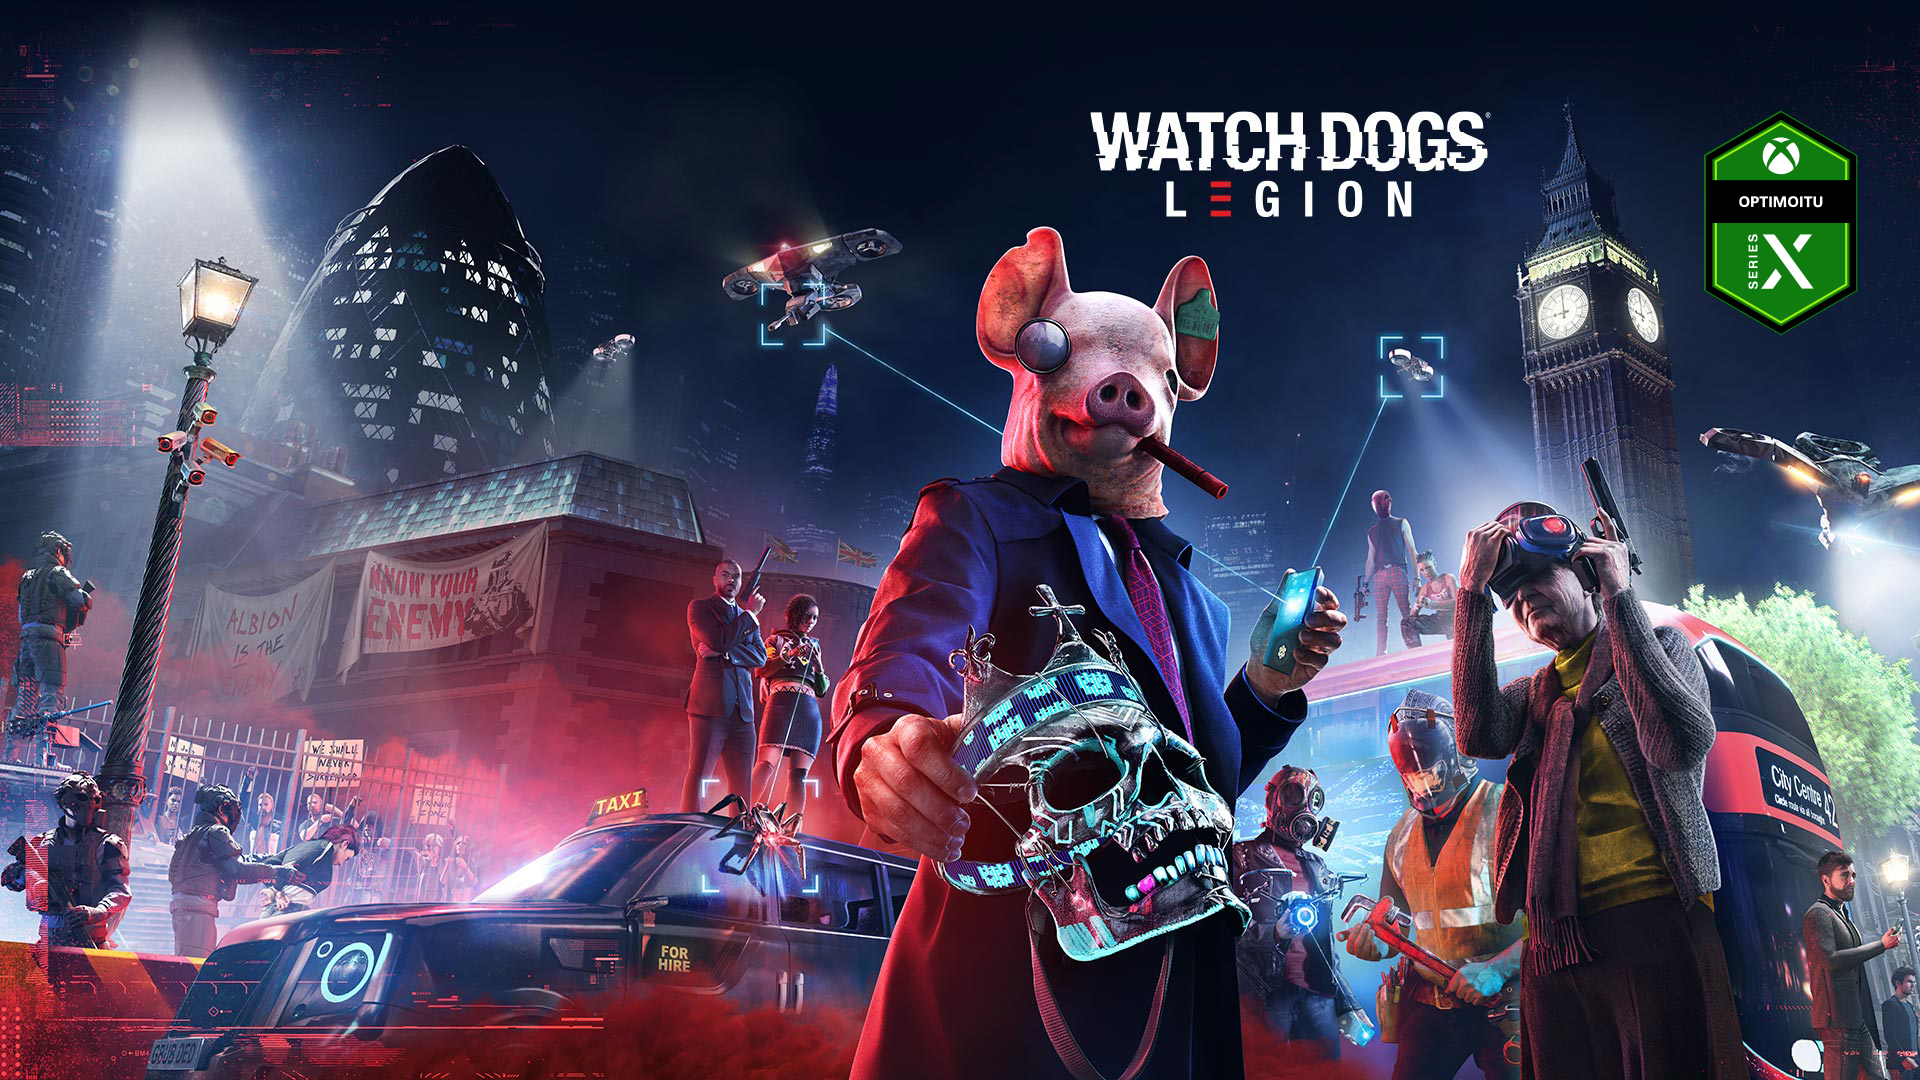 Optomoitu Series X:lle -merkki, Watch Dogs Legion -logo, sikanaamariin pukeutunut ja pääkalloa pitelevä henkilö, kaksi lennokkikopteria, Big Ben, ja useita muita aseistautuneita hahmoja